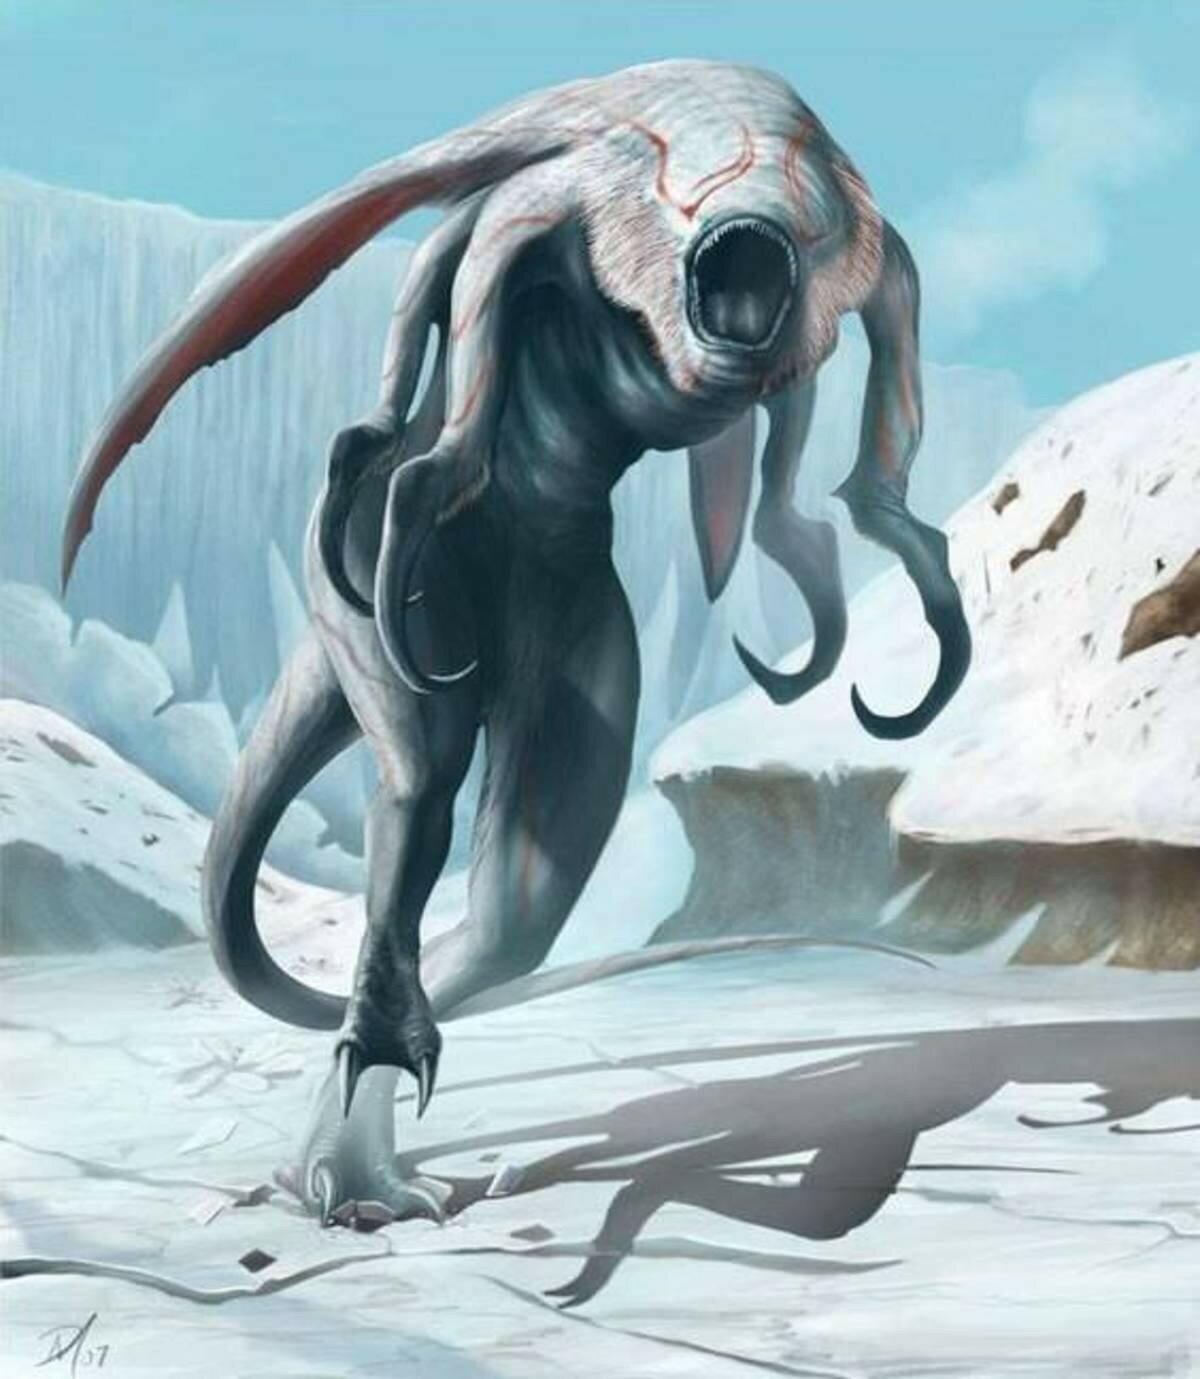 изнасиловал, картинки инопланетное животное дай ему название сделай рисунок очень протяженный